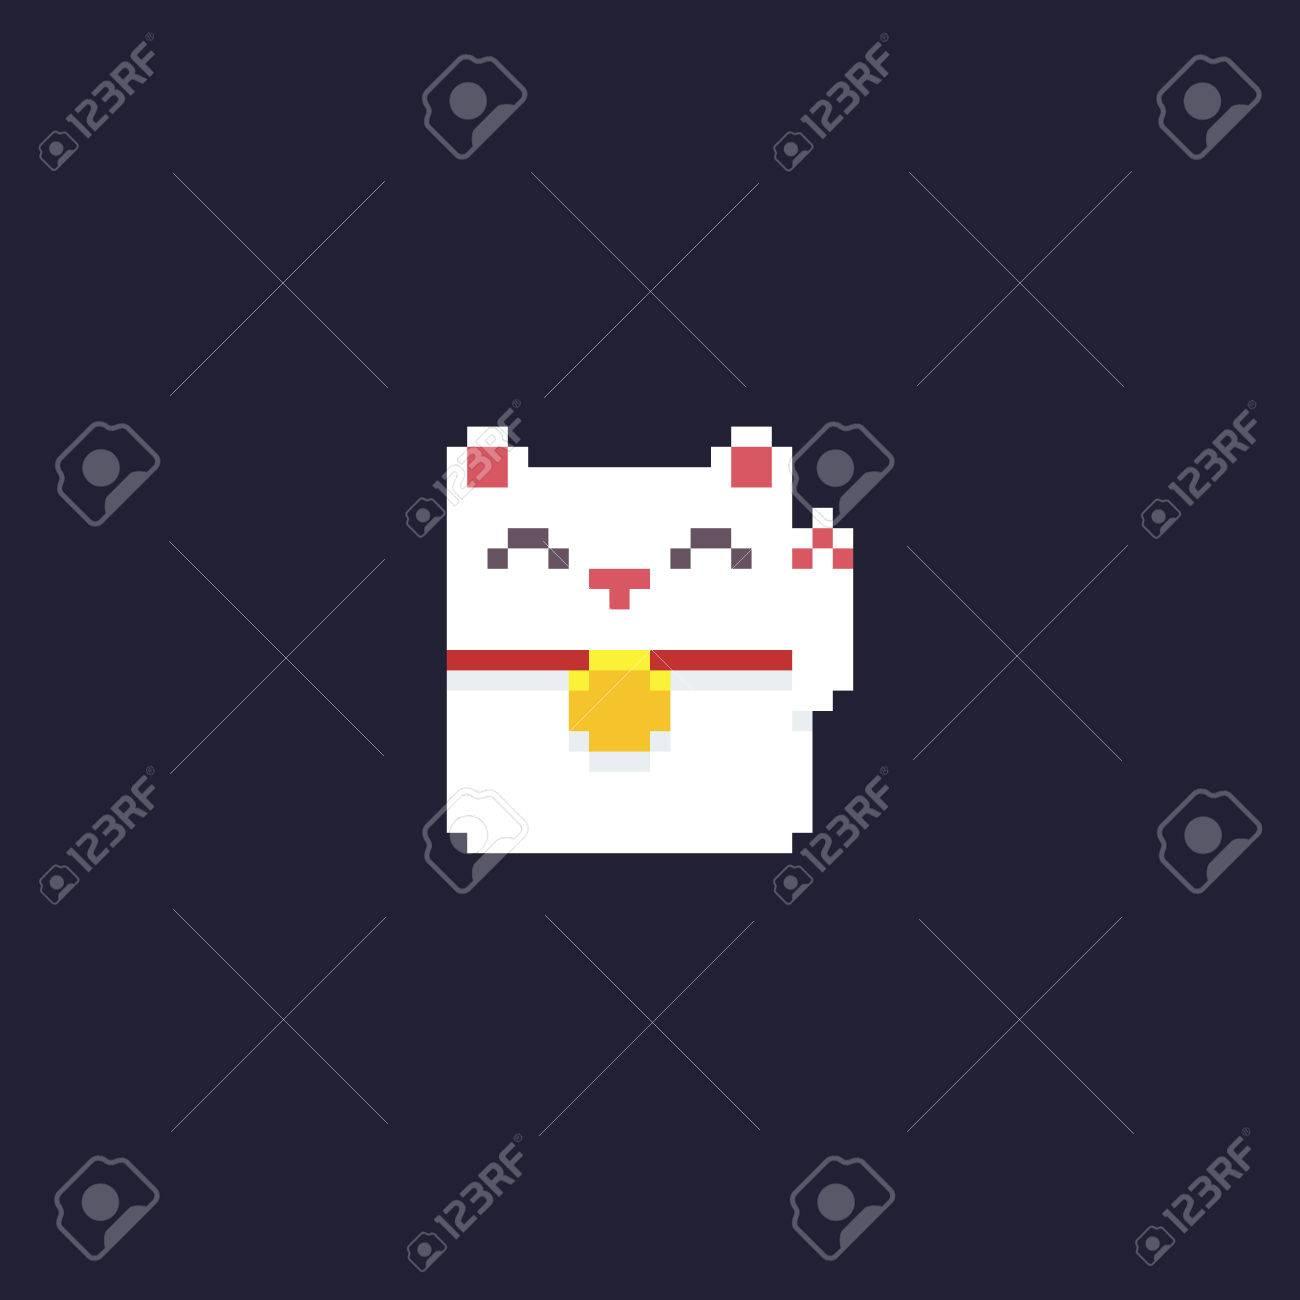 Maneki Neko Chaton De Pixel Art Isolé Sur Fond Sombre